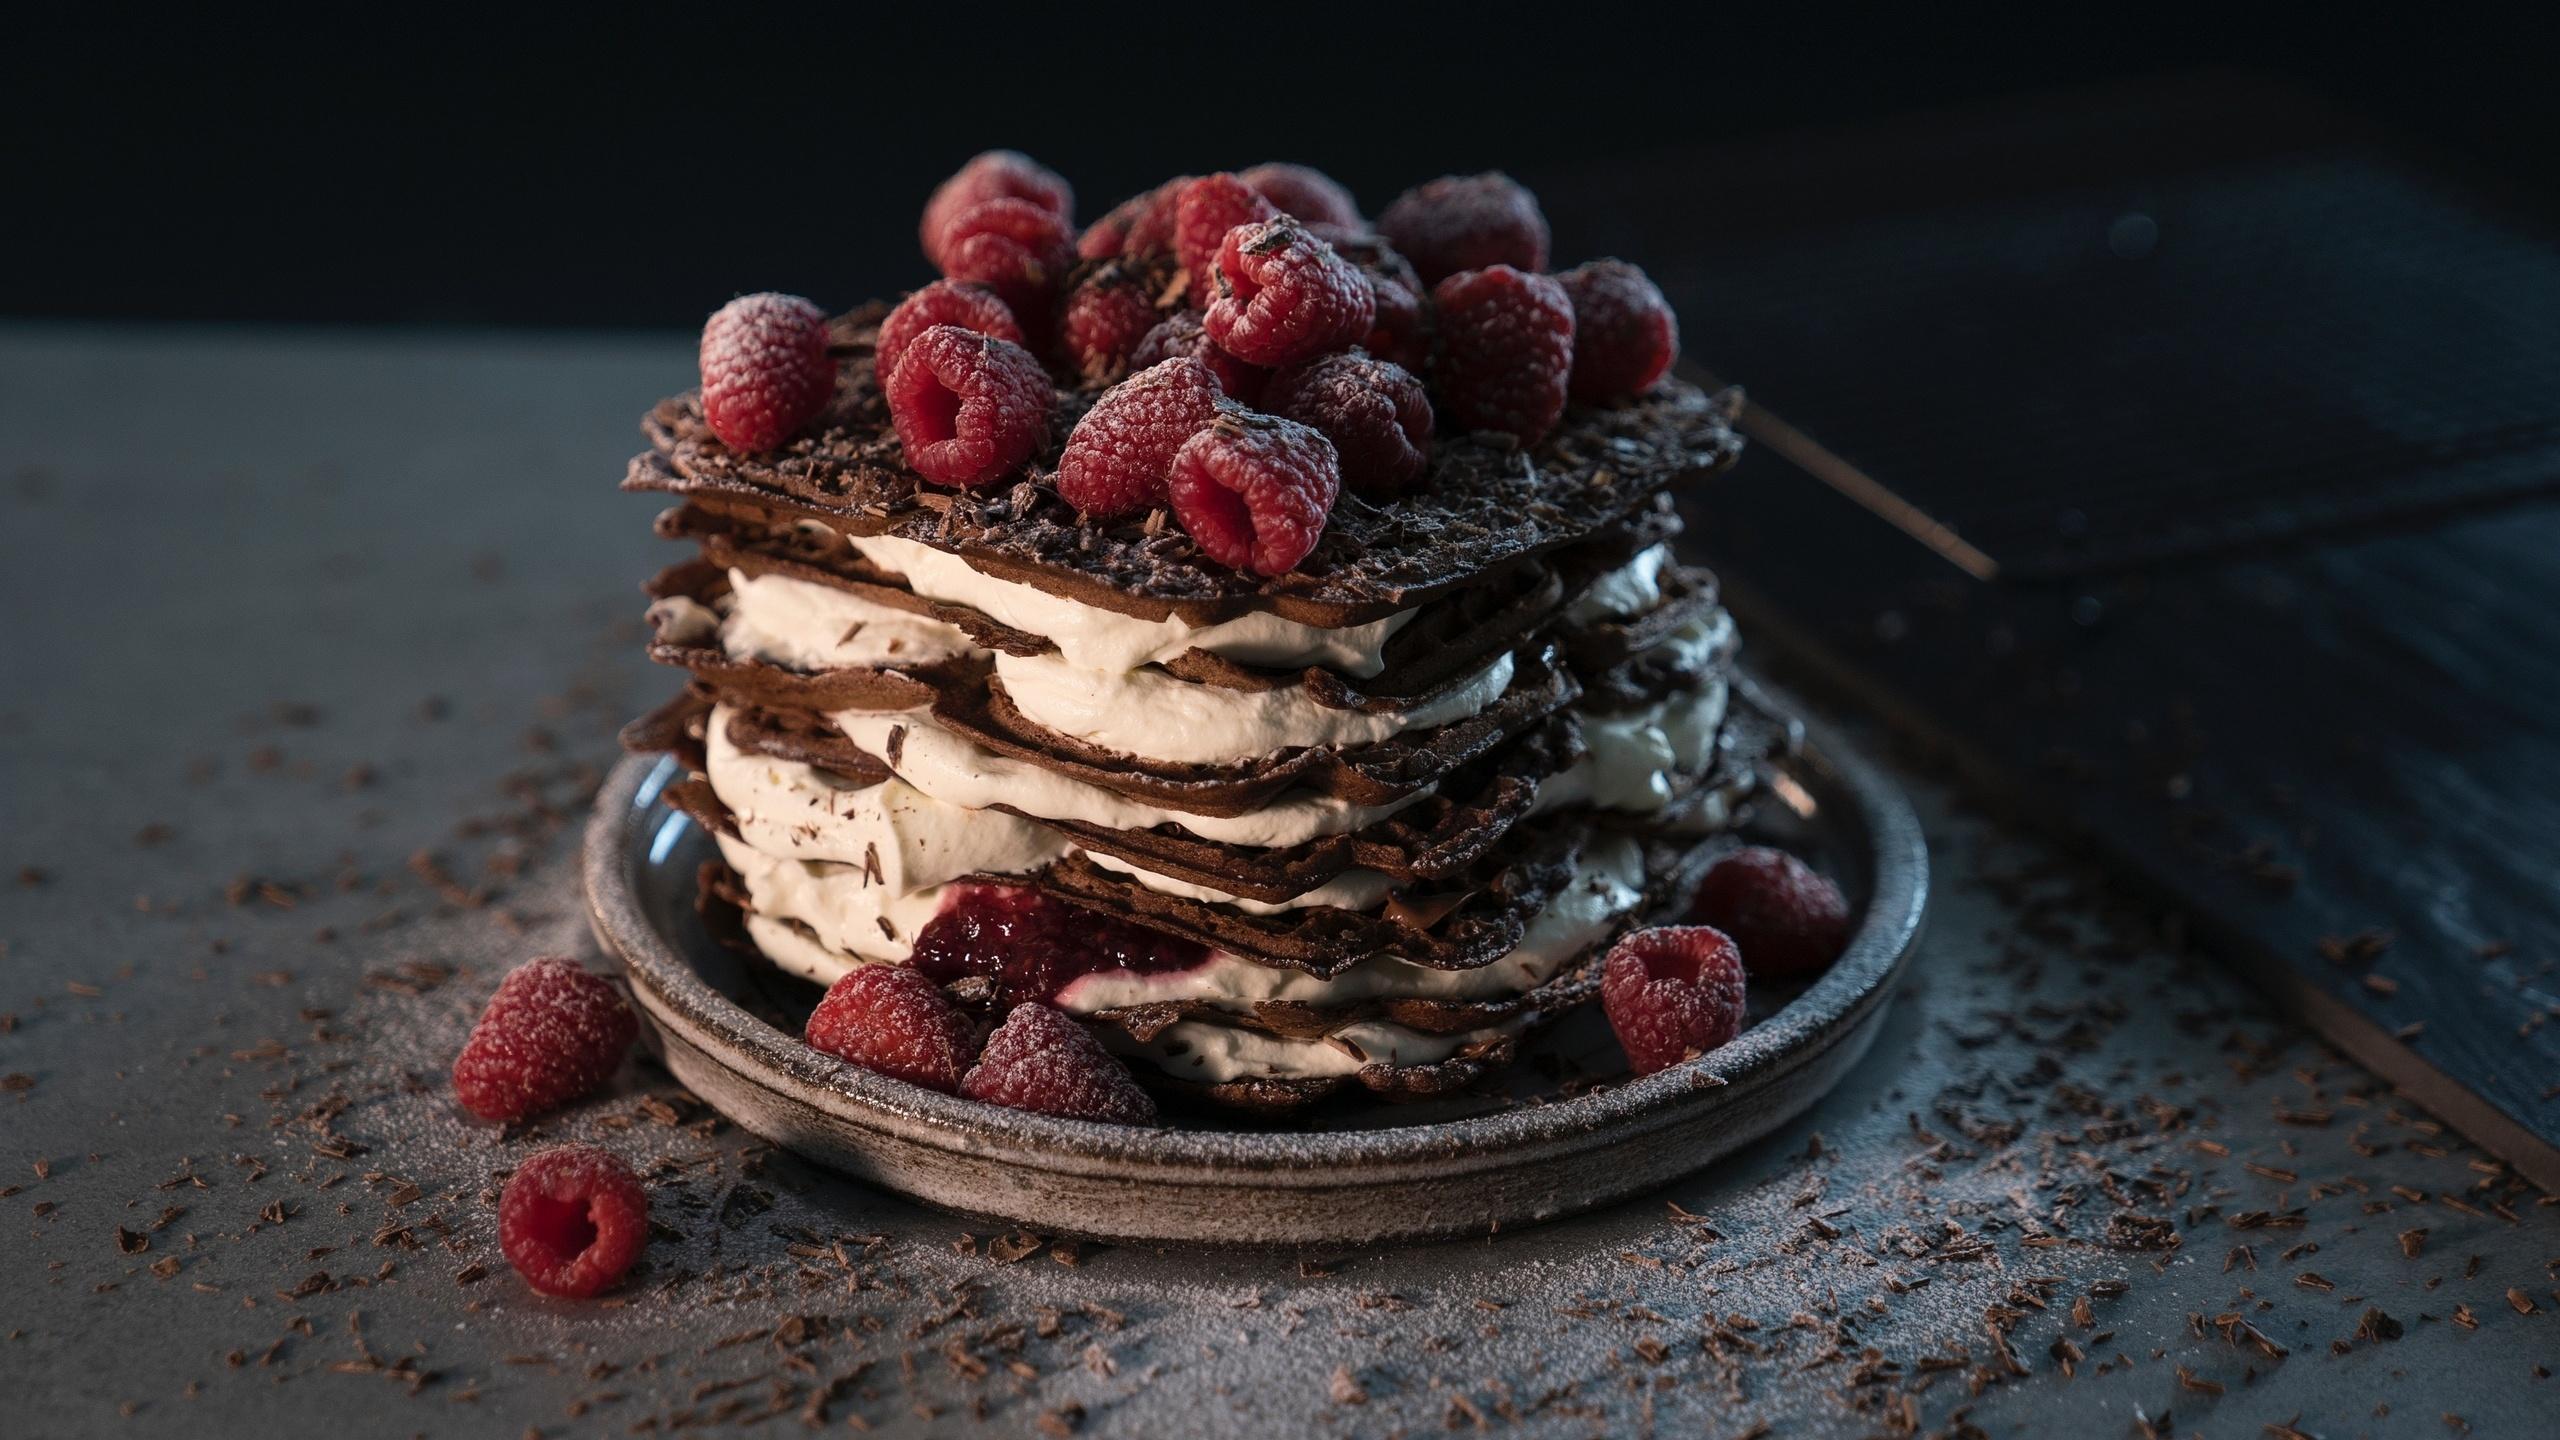 торт, пирог, ягоды, малина